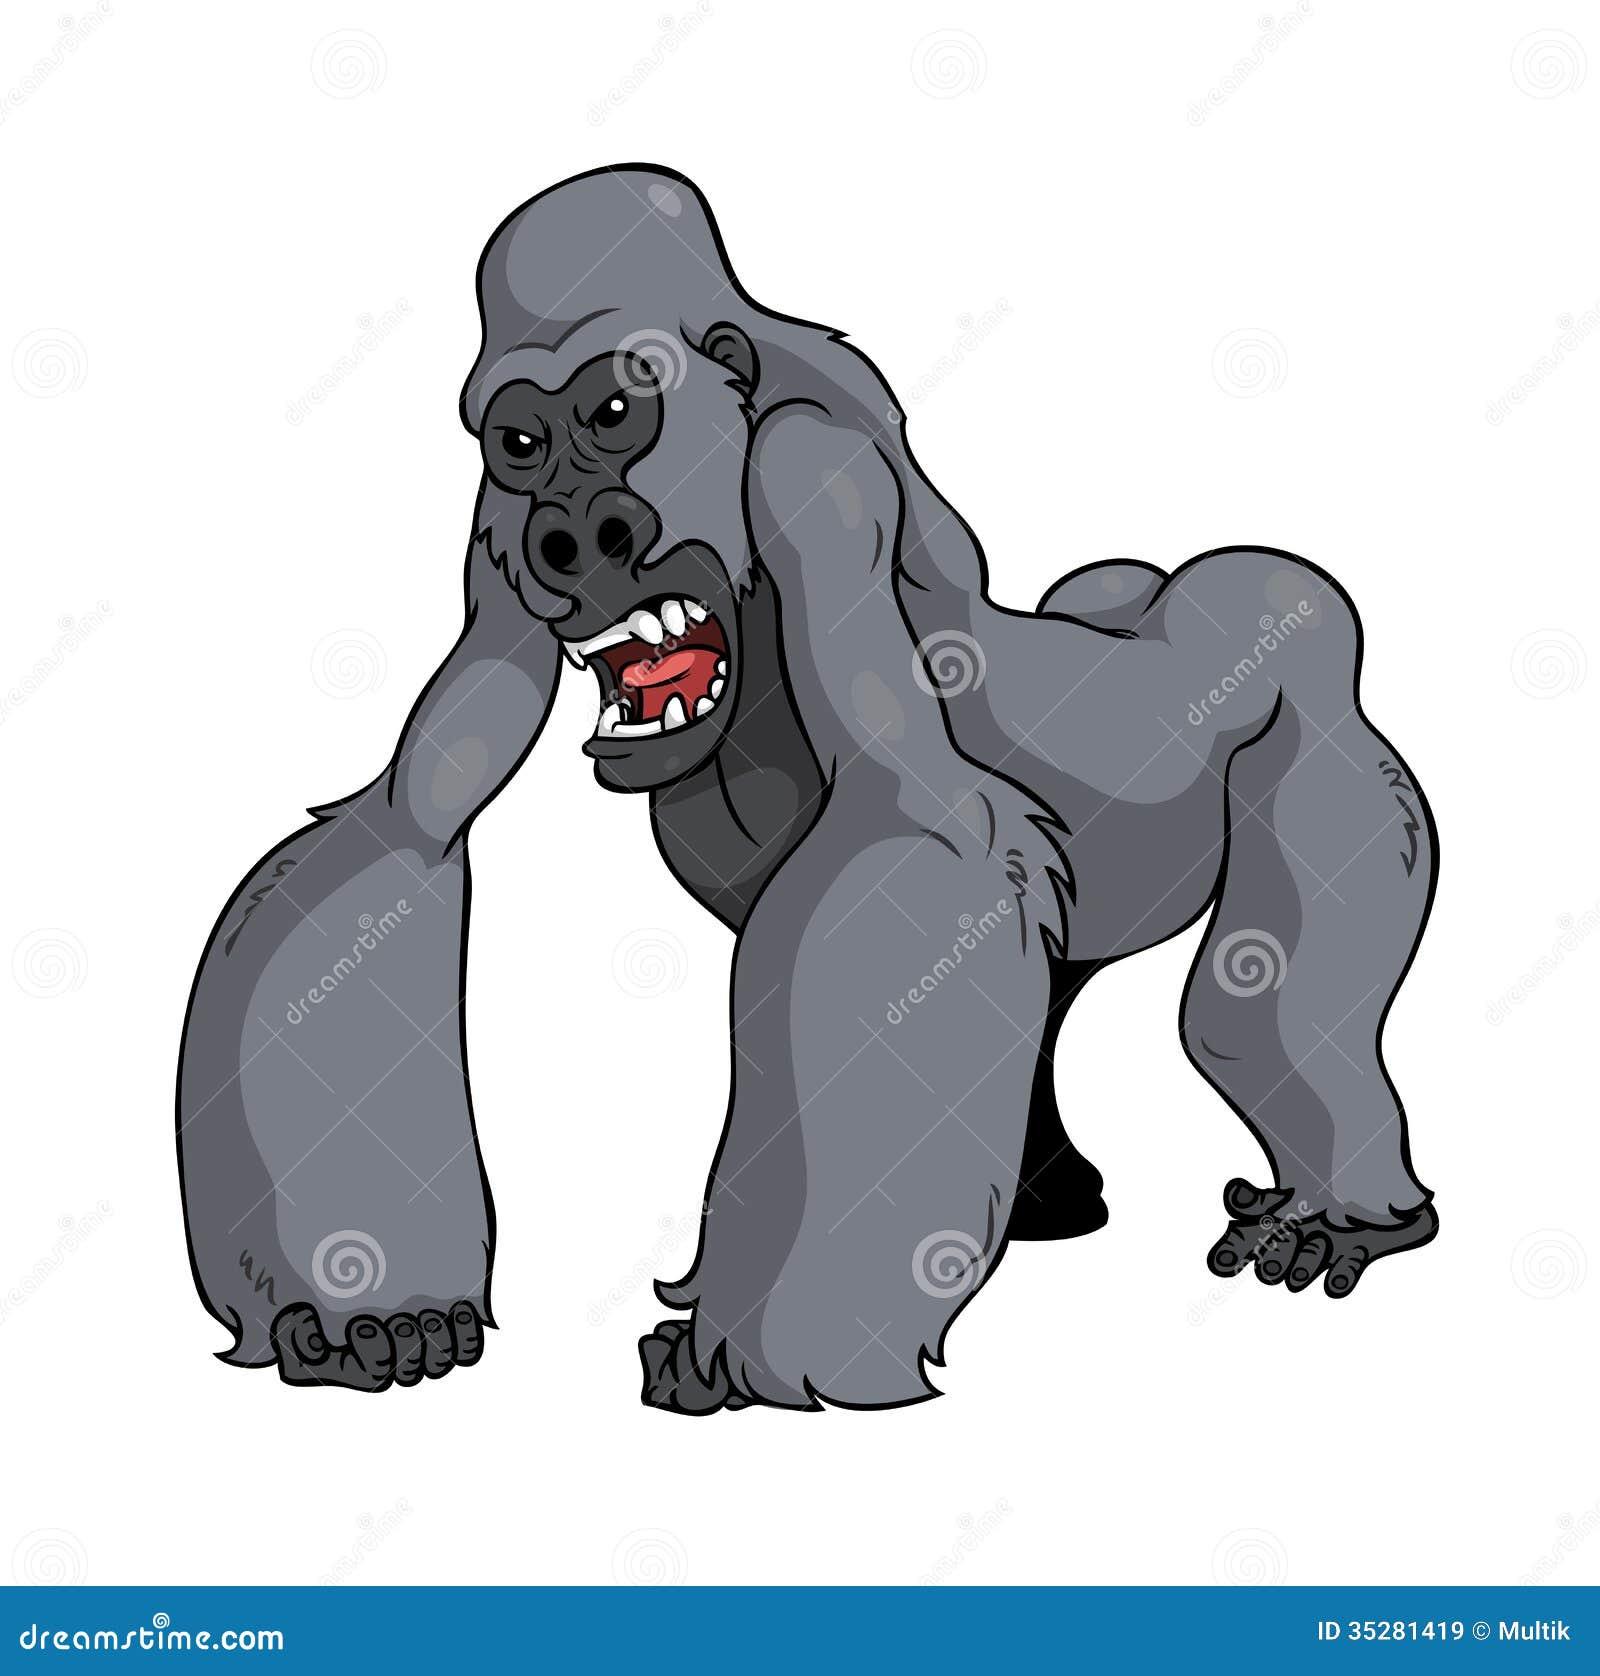 Gorilla Royalty Free Stock Images - Image: 35281419 - photo#17